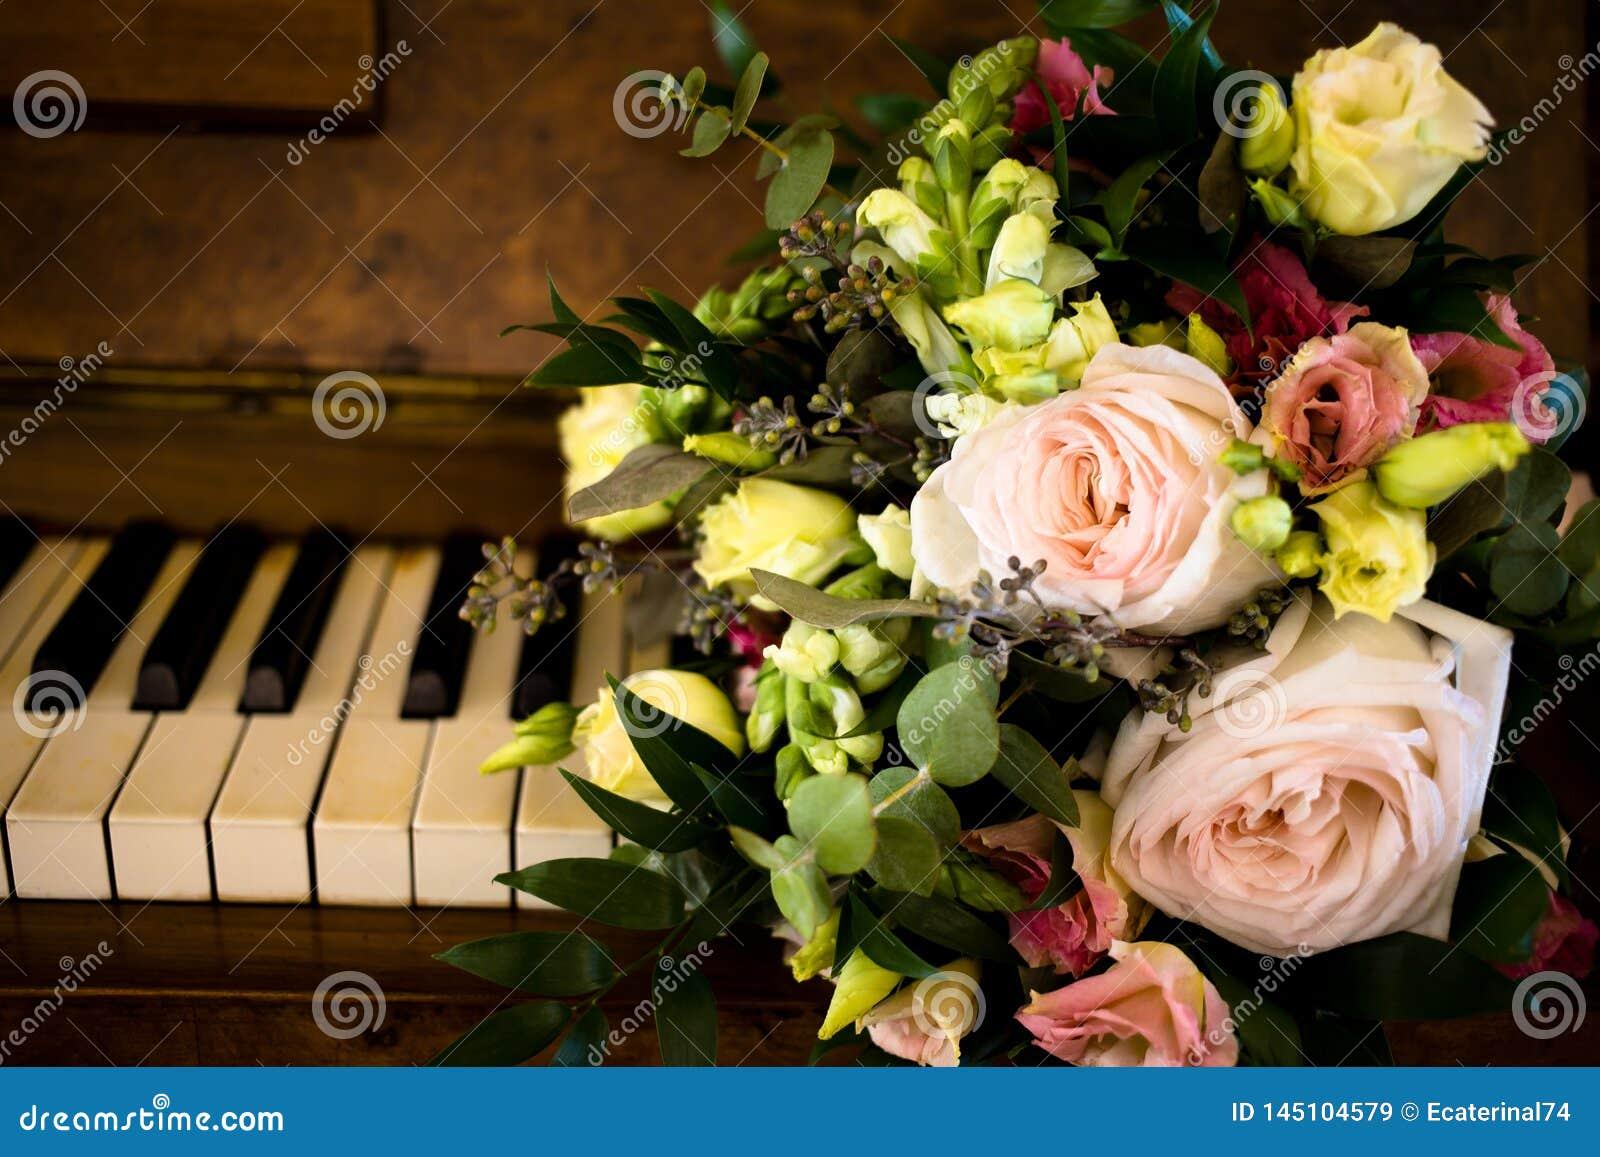 Μια ανθοδέσμη των λουλουδιών στα κλειδιά του πιάνου